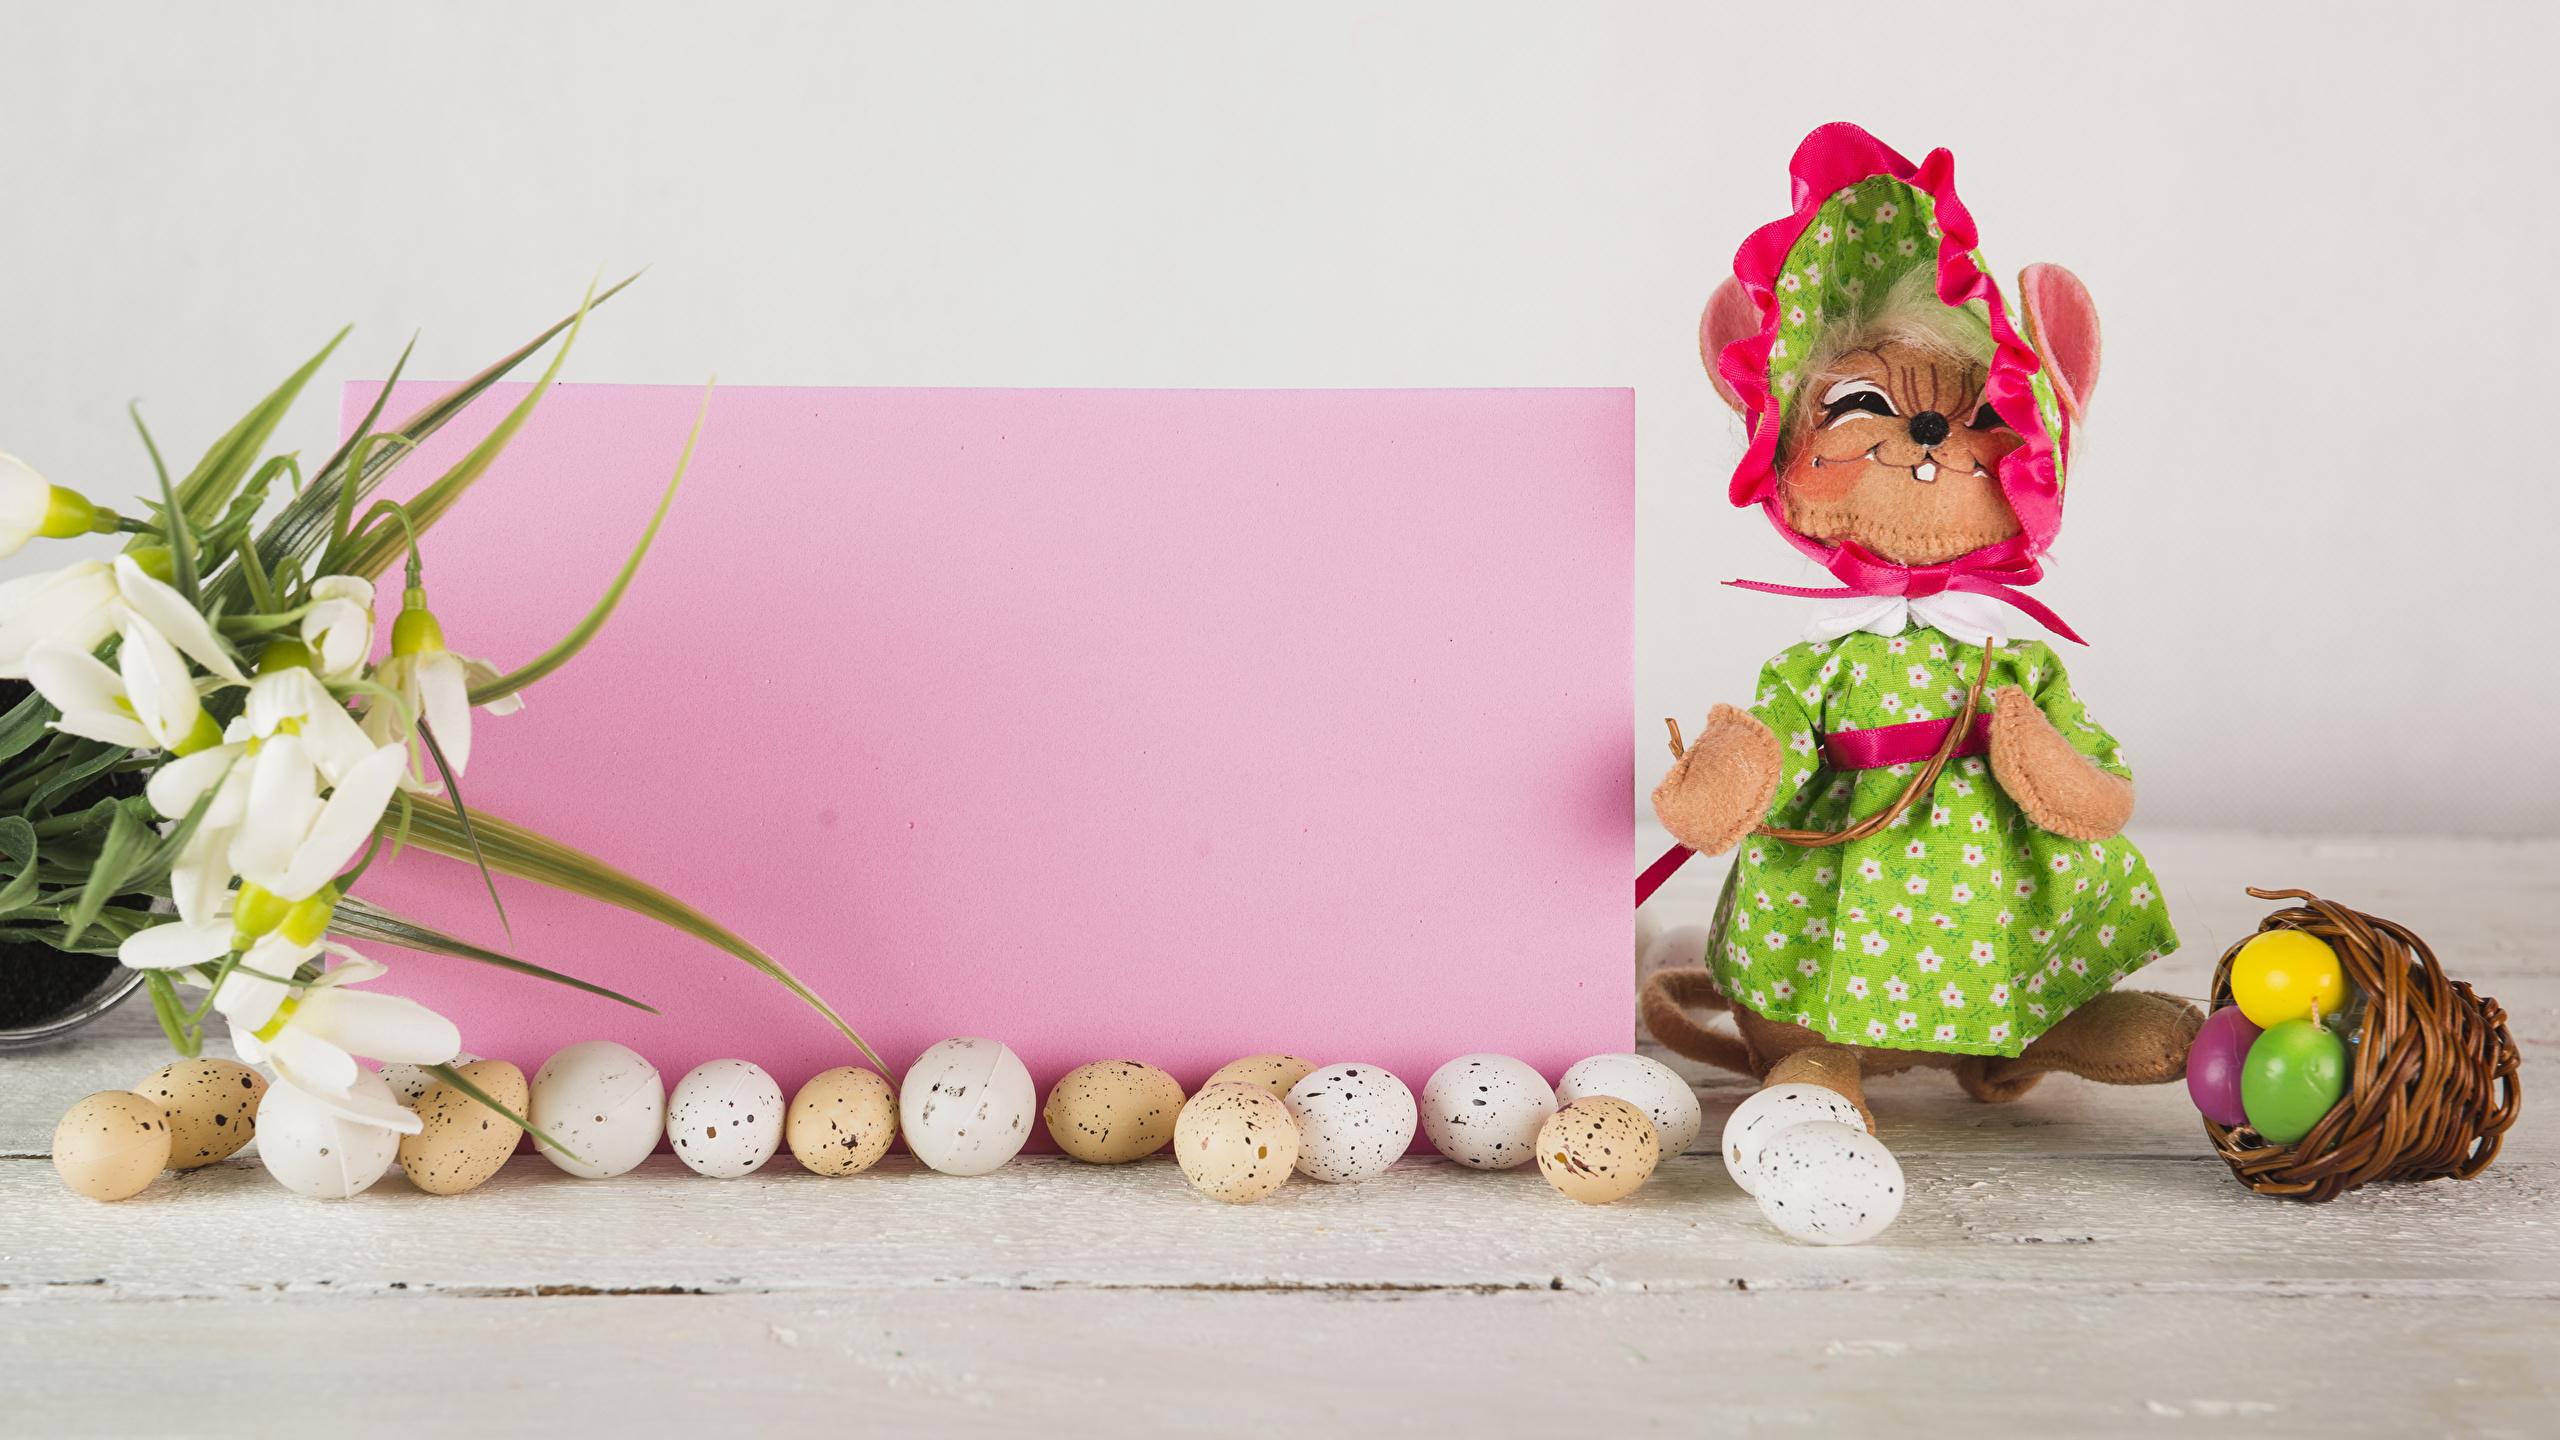 Фотографии Пасха Кролики Яйца Галантус Корзинка Шаблон поздравительной открытки Праздники 2560x1440 кролик яиц яйцо яйцами корзины Корзина Подснежники